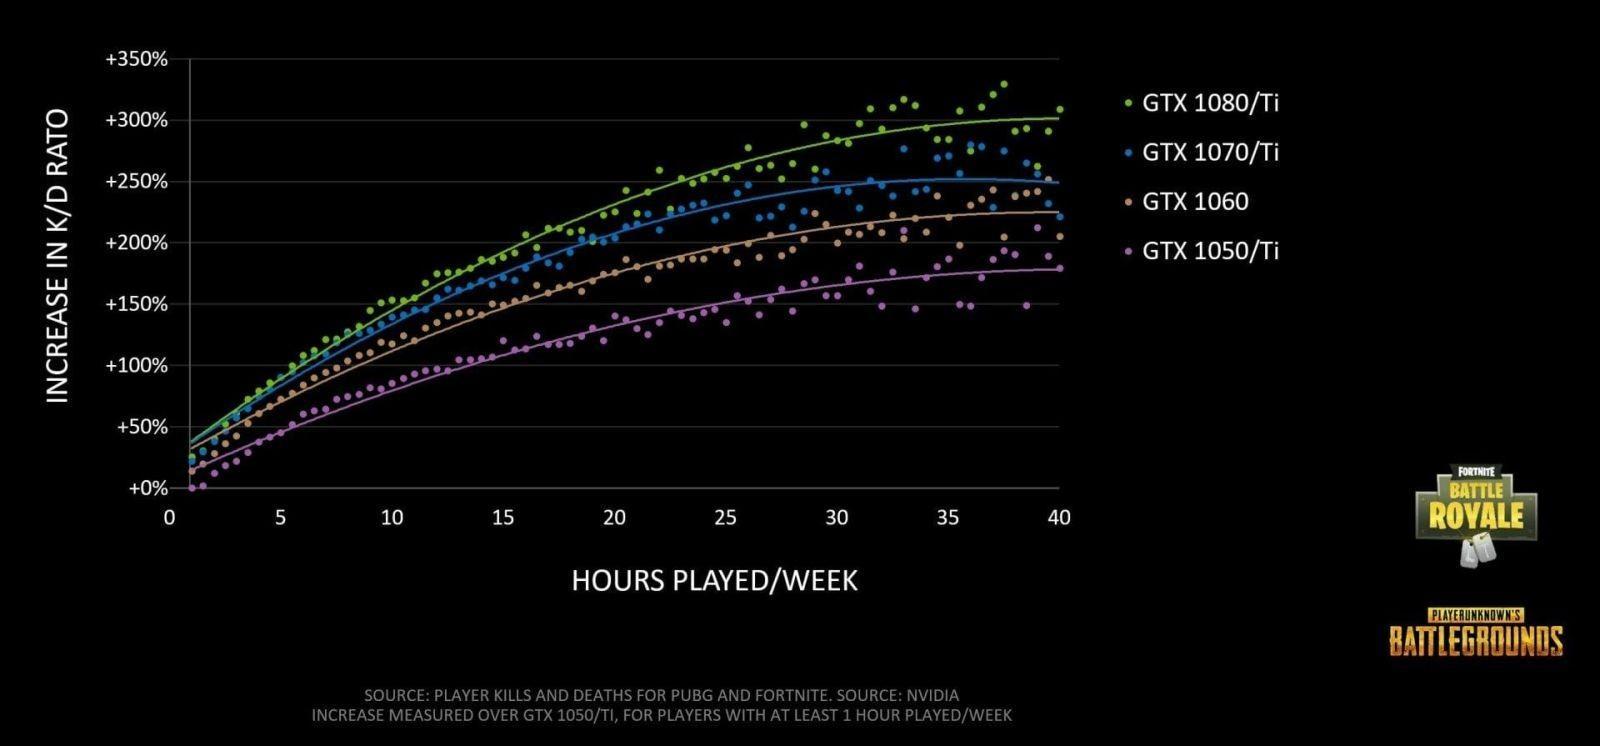 NVIDIA показала, почему геймеры PUBG и Fortnite должны инвестировать в видеокарты (nvidia hours played vs kd ratio)